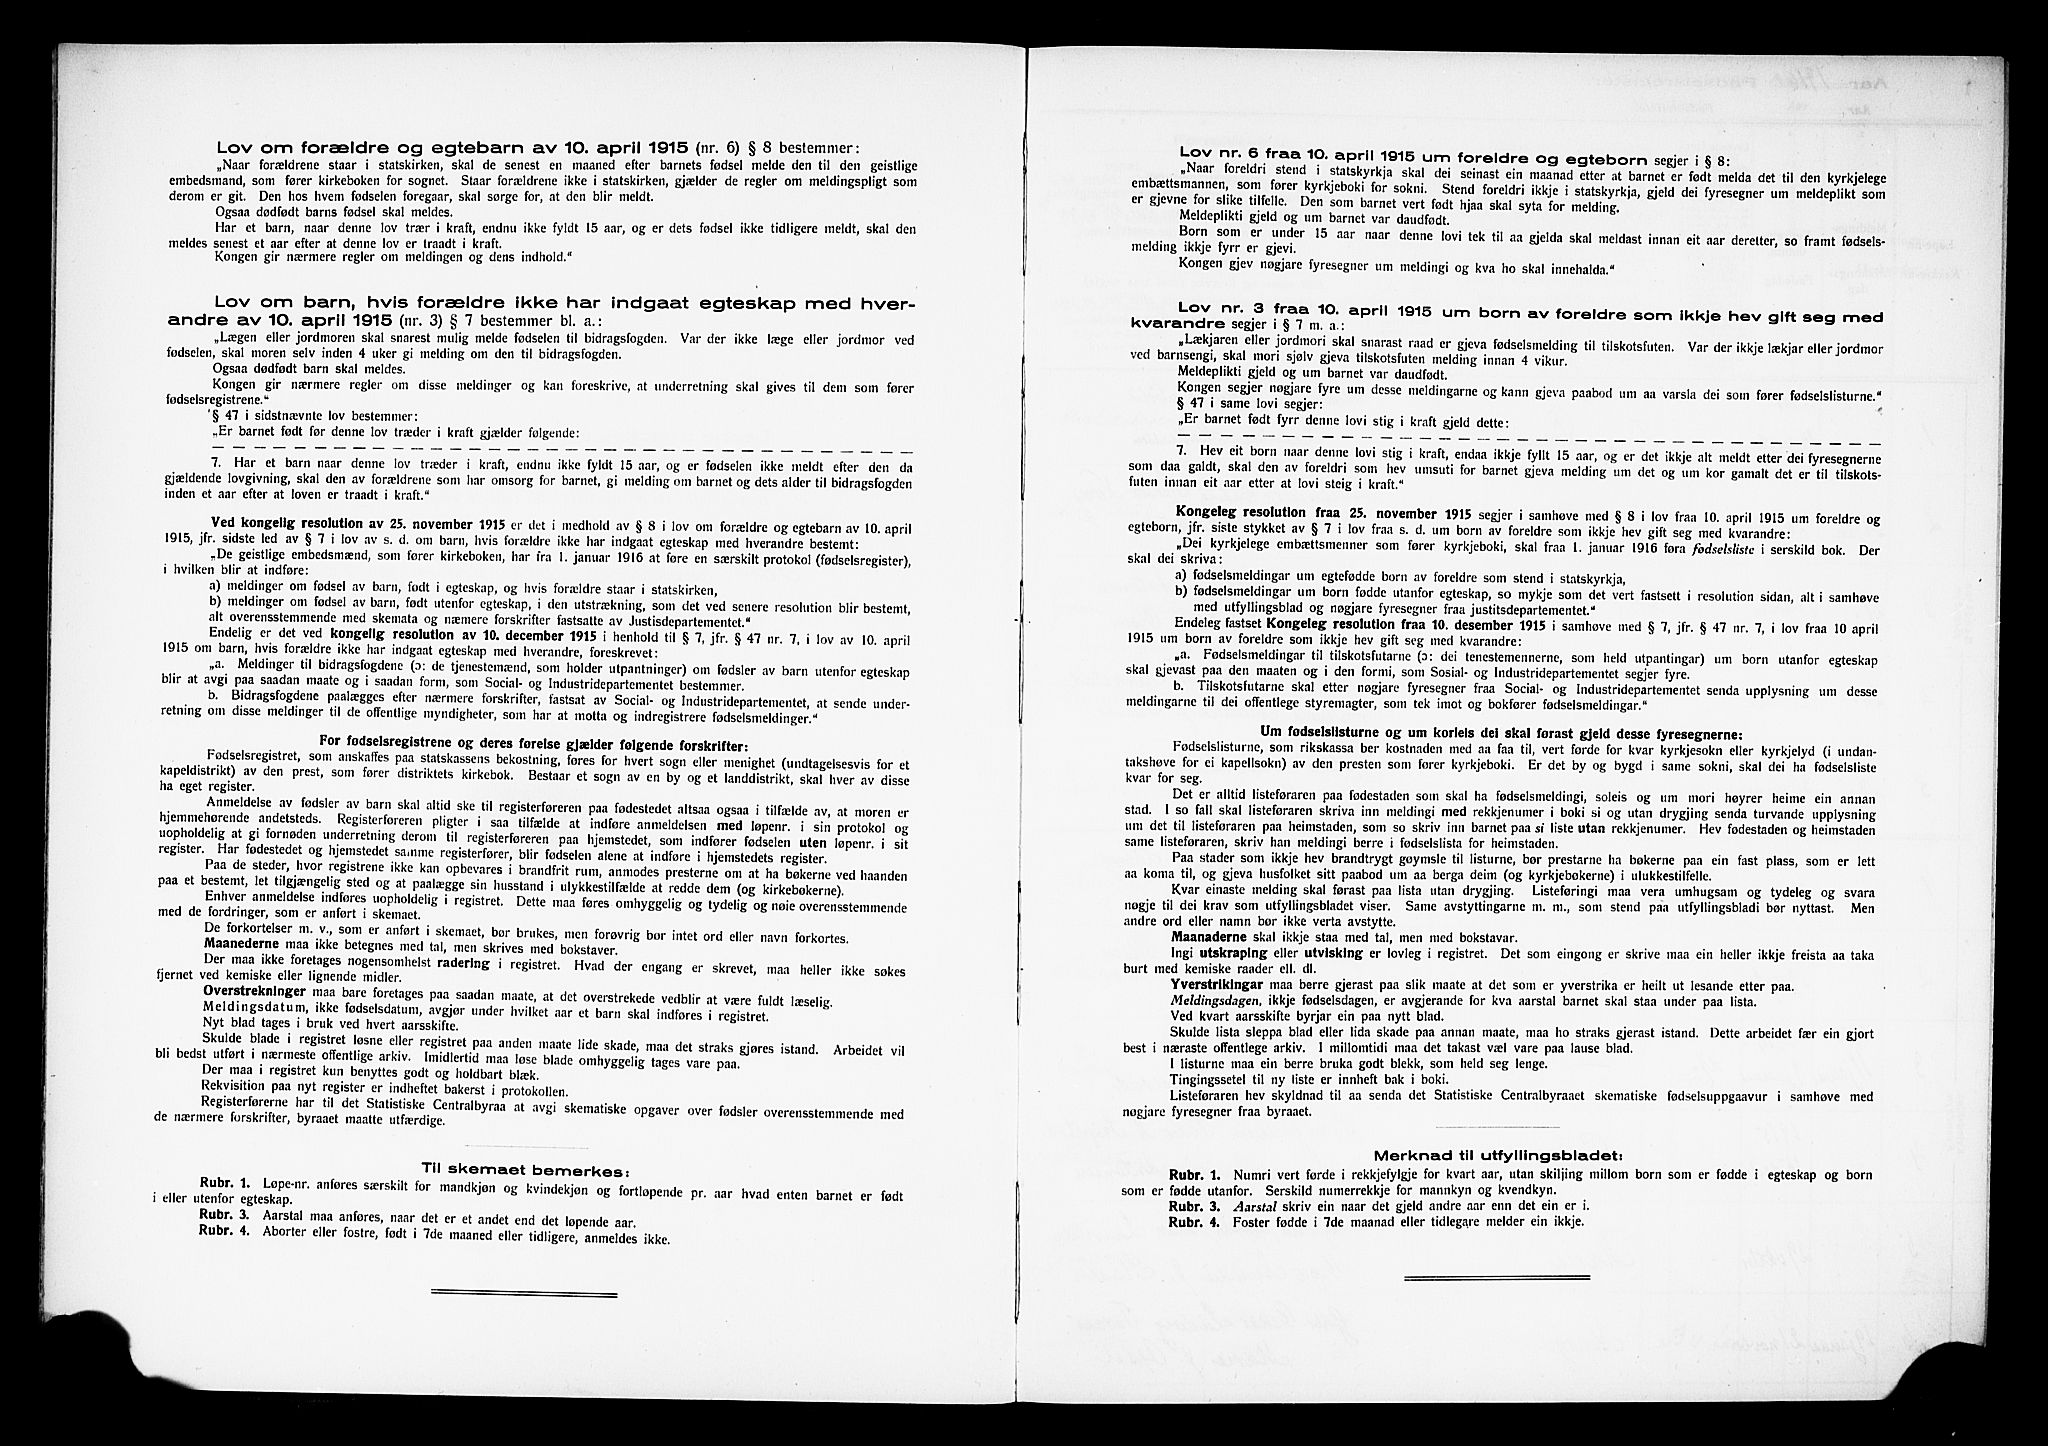 SAH, Østre Toten prestekontor, Birth register no. 15, 1916-1928